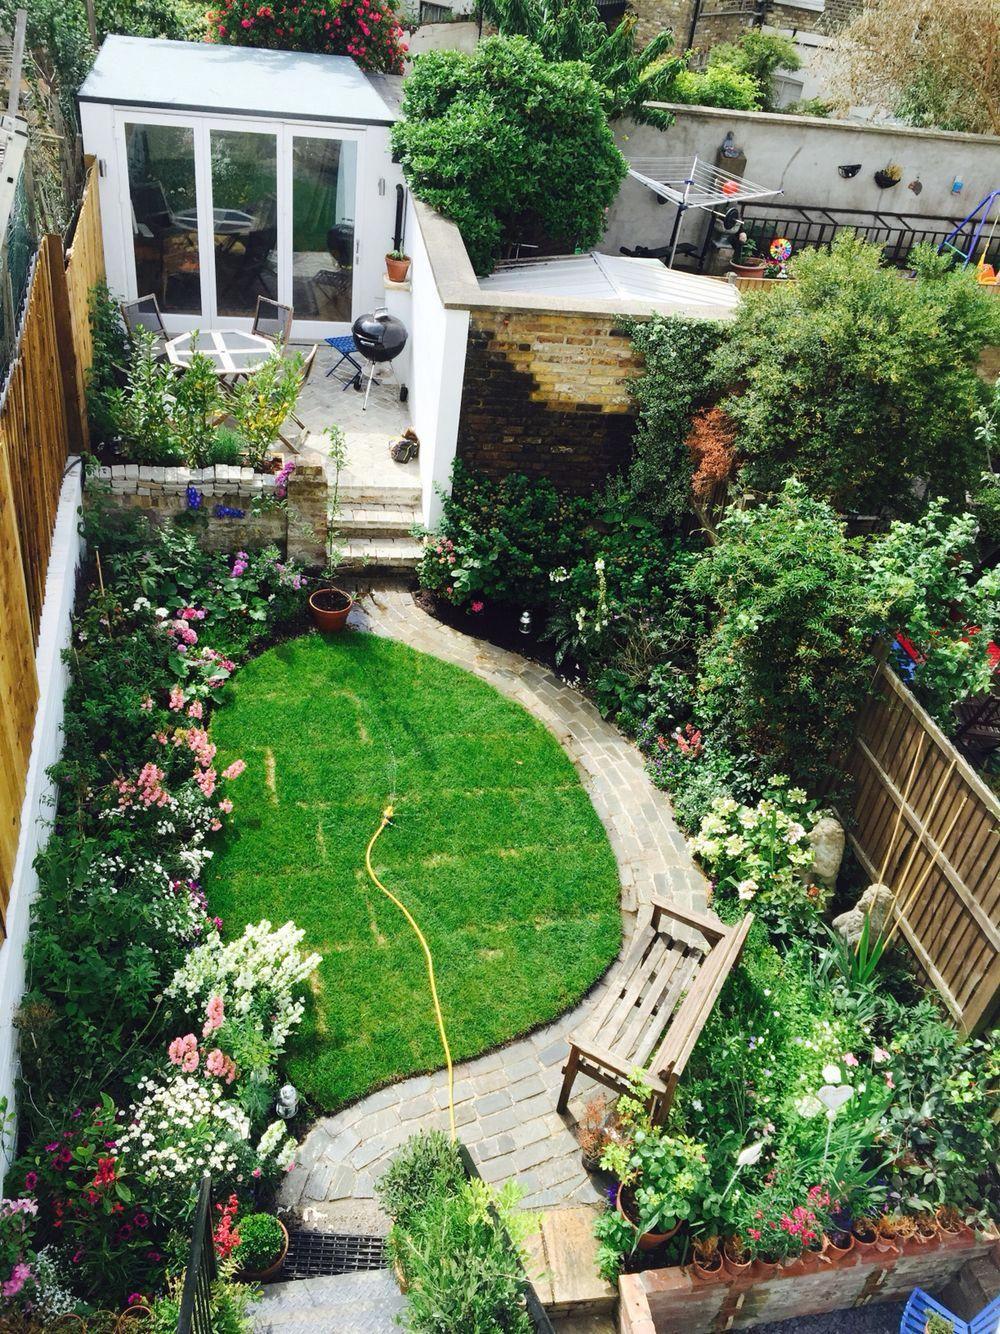 Backyard Design Small Garden Design Small Urban Garden Backyard Garden Backyard urban garden design